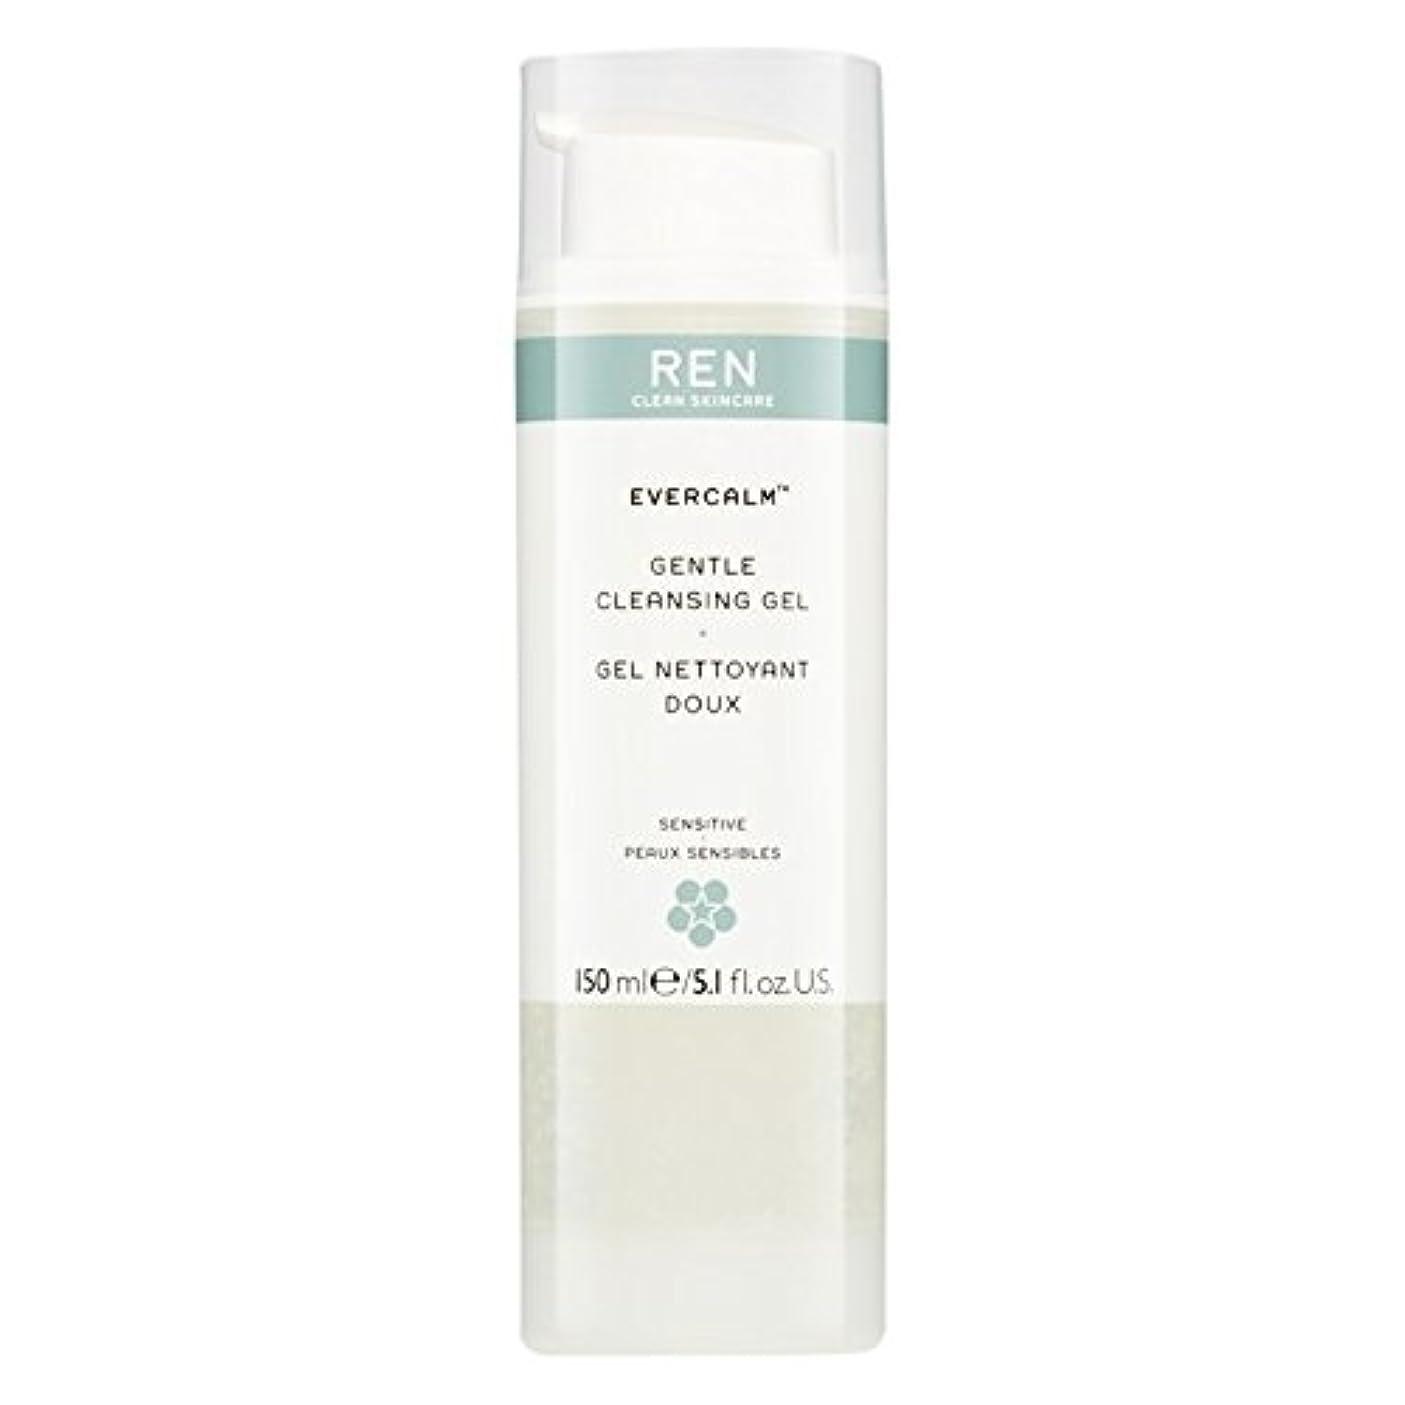 レーザ上昇邪悪なRen Evercalm優しいクレンジングジェル、150ミリリットル (REN) (x2) - REN Evercalm Gentle Cleansing Gel, 150ml (Pack of 2) [並行輸入品]